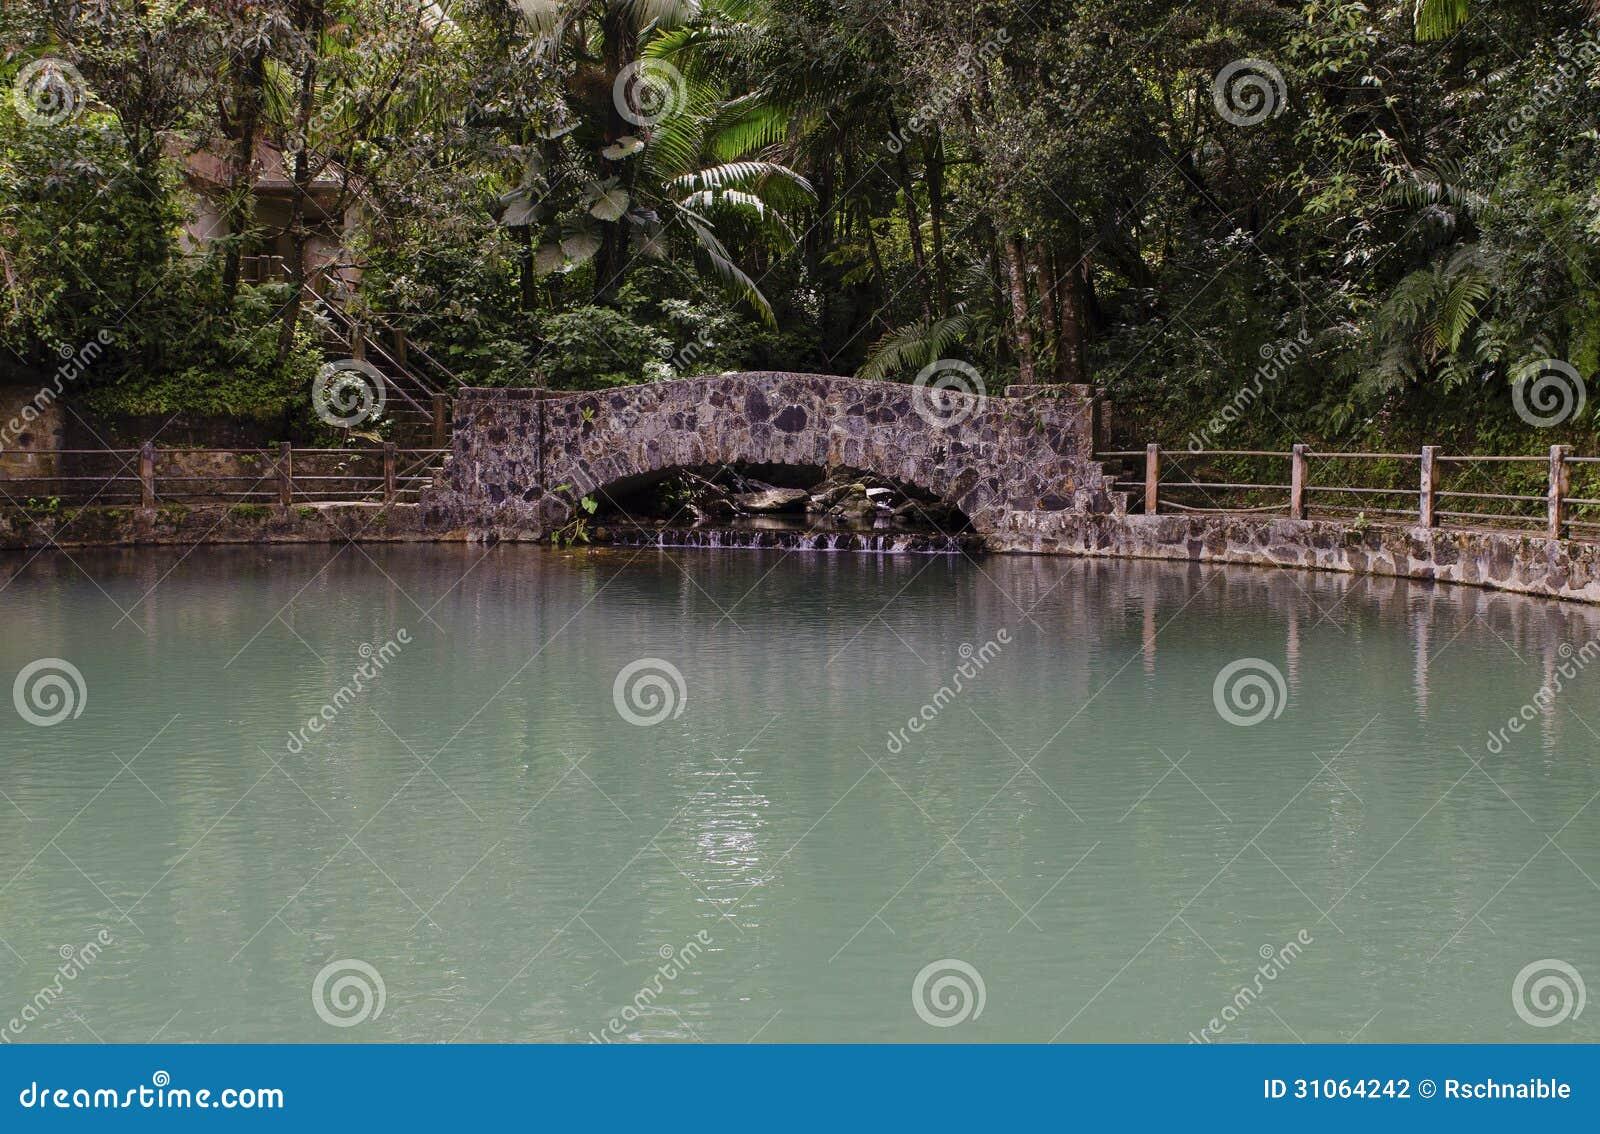 Bano grande pool el yunque puerto rico stock photography for Bano grande puerto rico